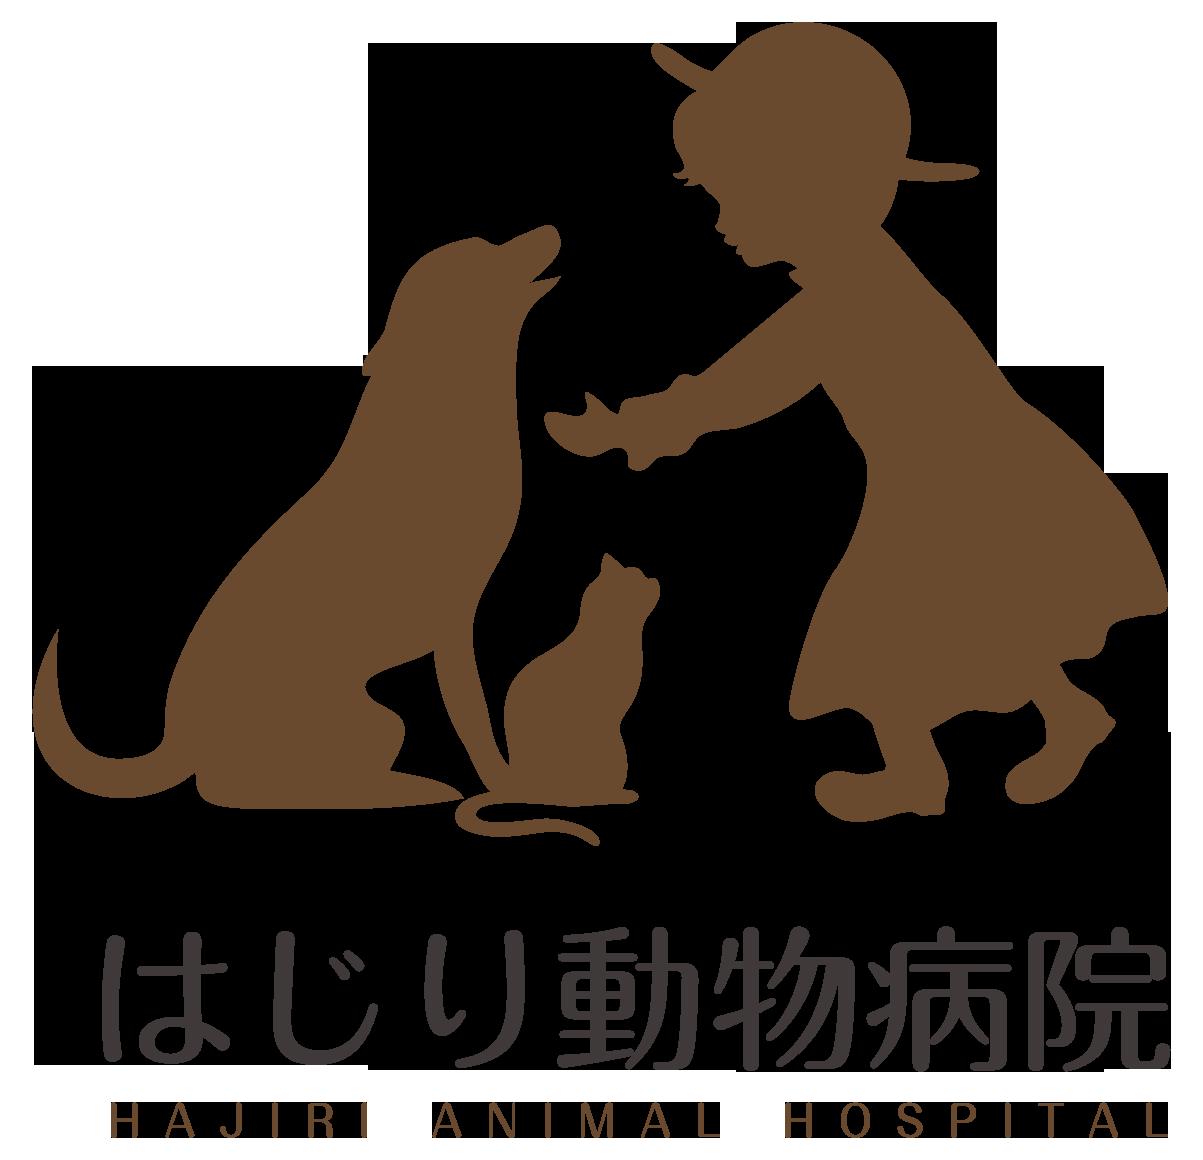 動物病院・ペットと親しみ/優しいと茶のロゴ